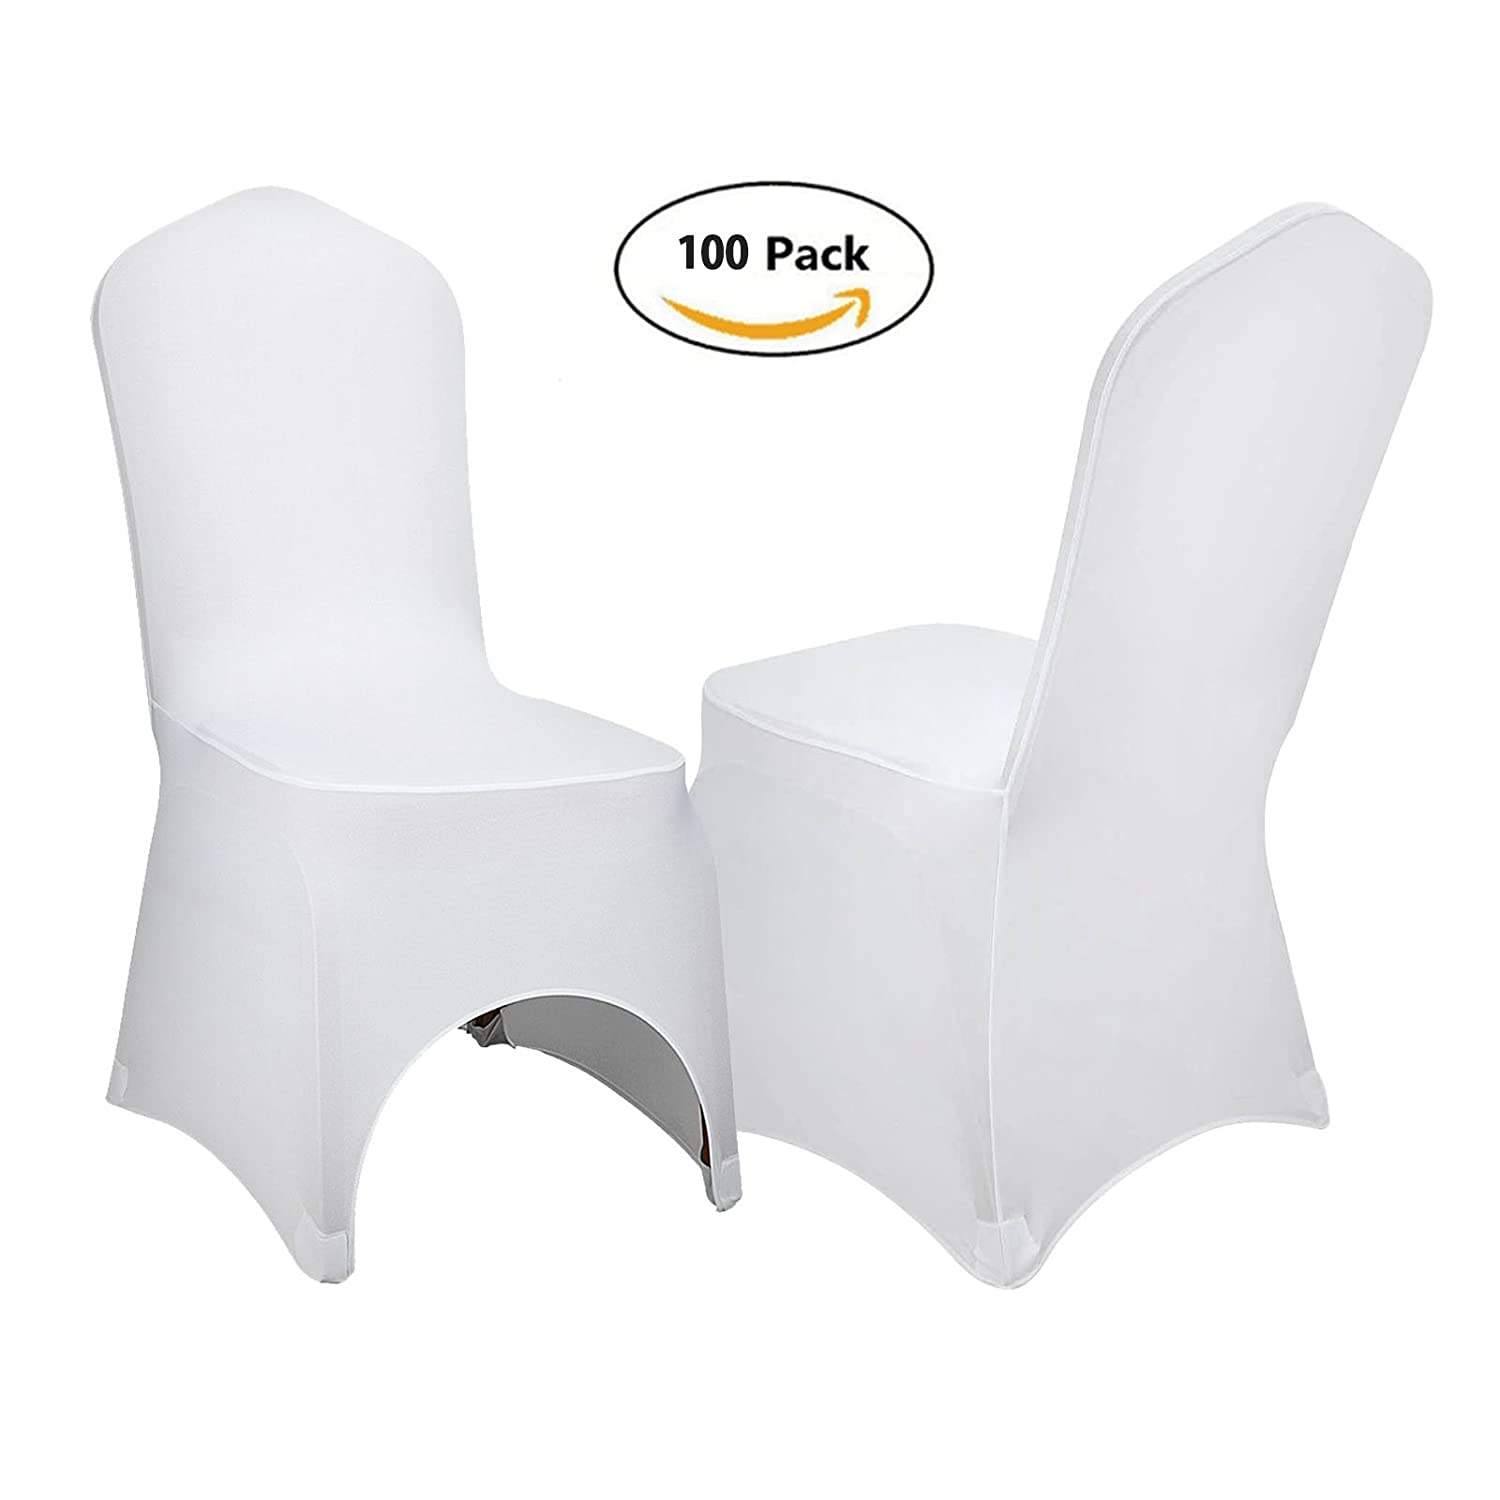 Anhon 100 STÜCKE Stuhlabdeckung Schonbezüge für Stühle Weiße Farbe Esszimmerstuhlabdeckung Abnehmbare Stuhl abdeckungen Polyester Spandex für